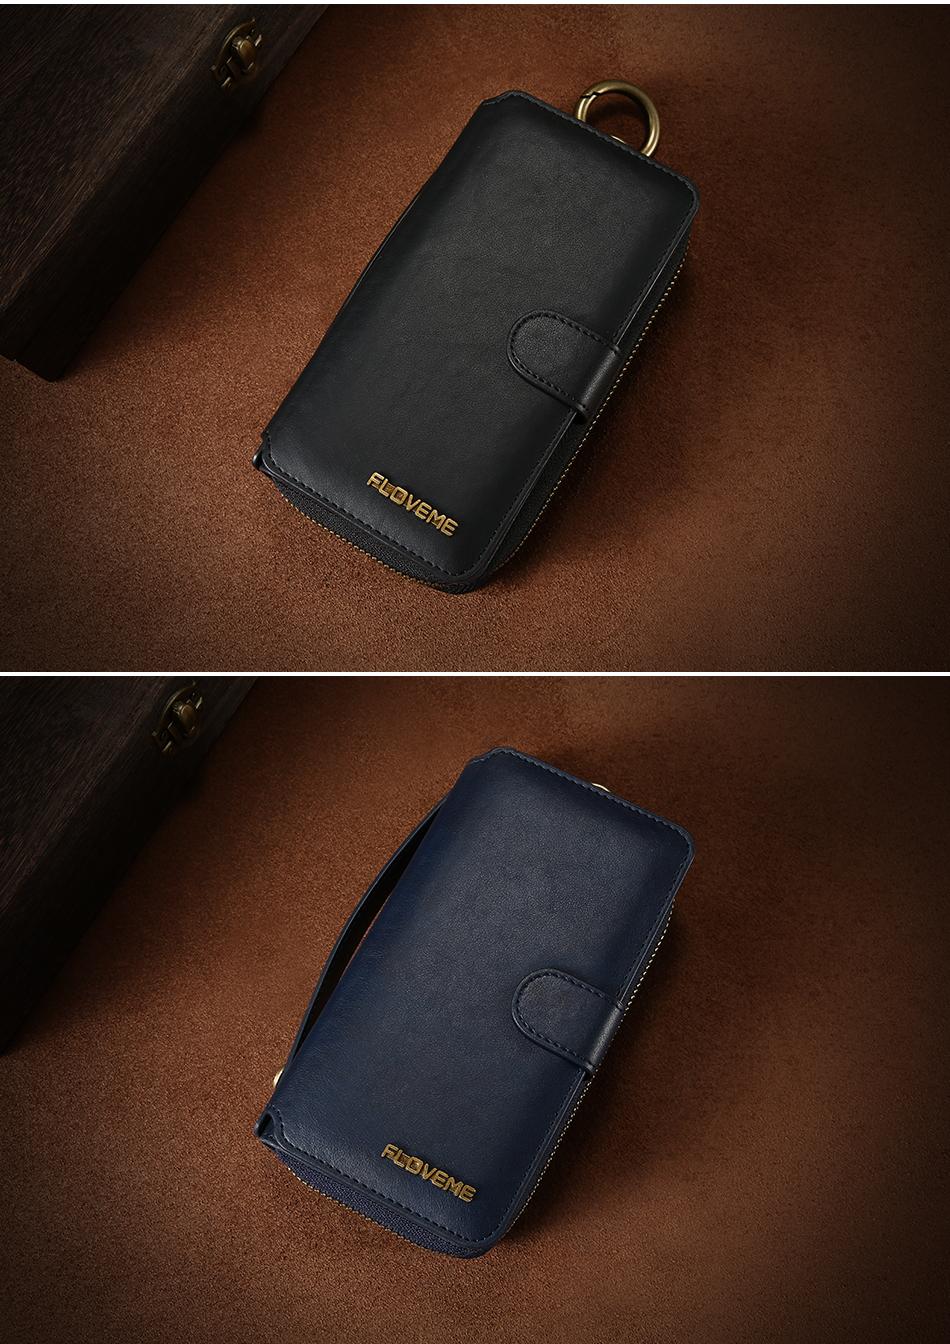 Floveme vintage leather wallet phone case for iphone 7 7 plus 6 6 s plus retro torebka slot kart pokrywa dla samsung s7 s8 coque 22